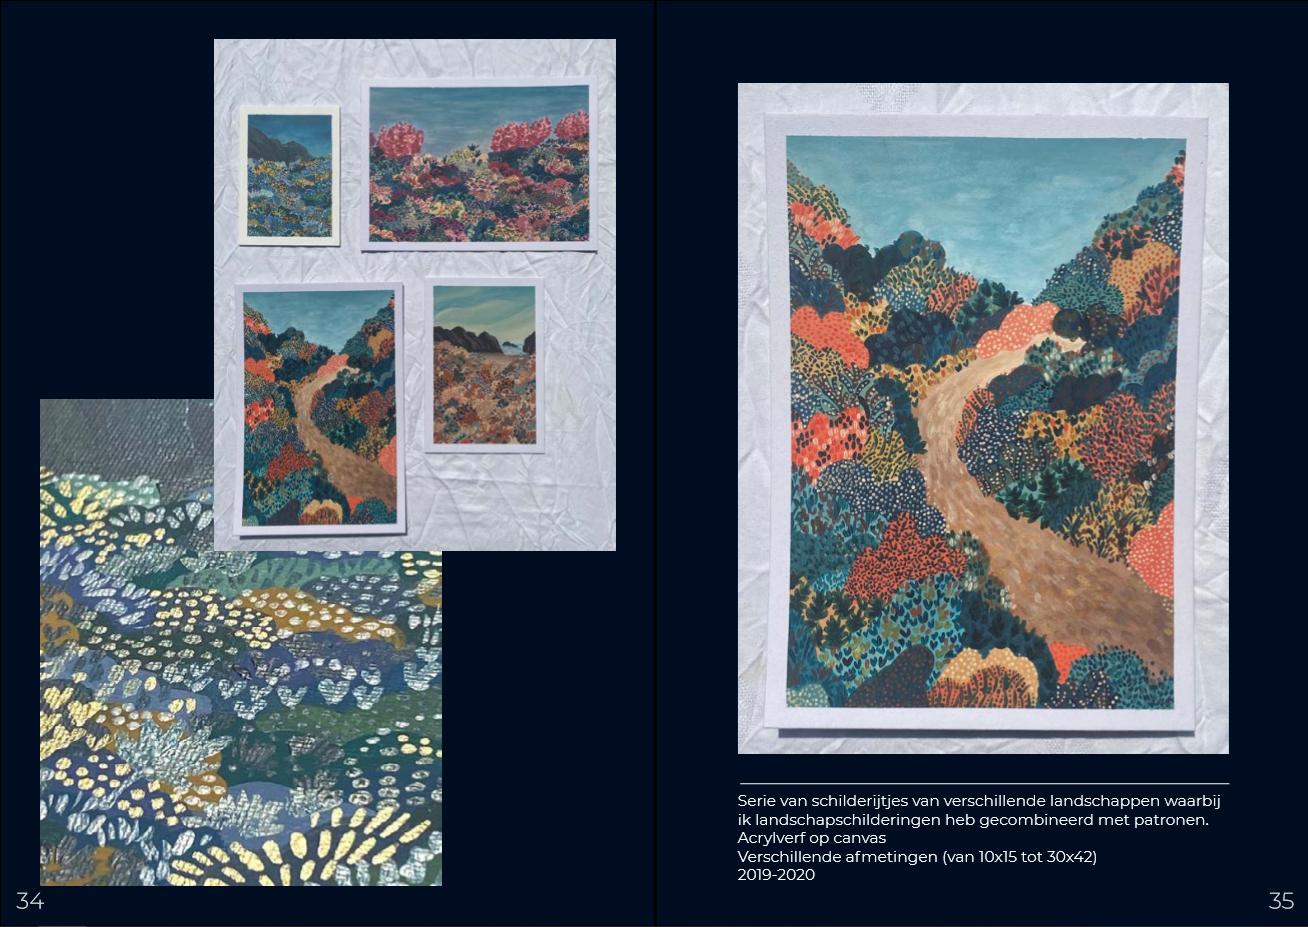 Serie landschappen